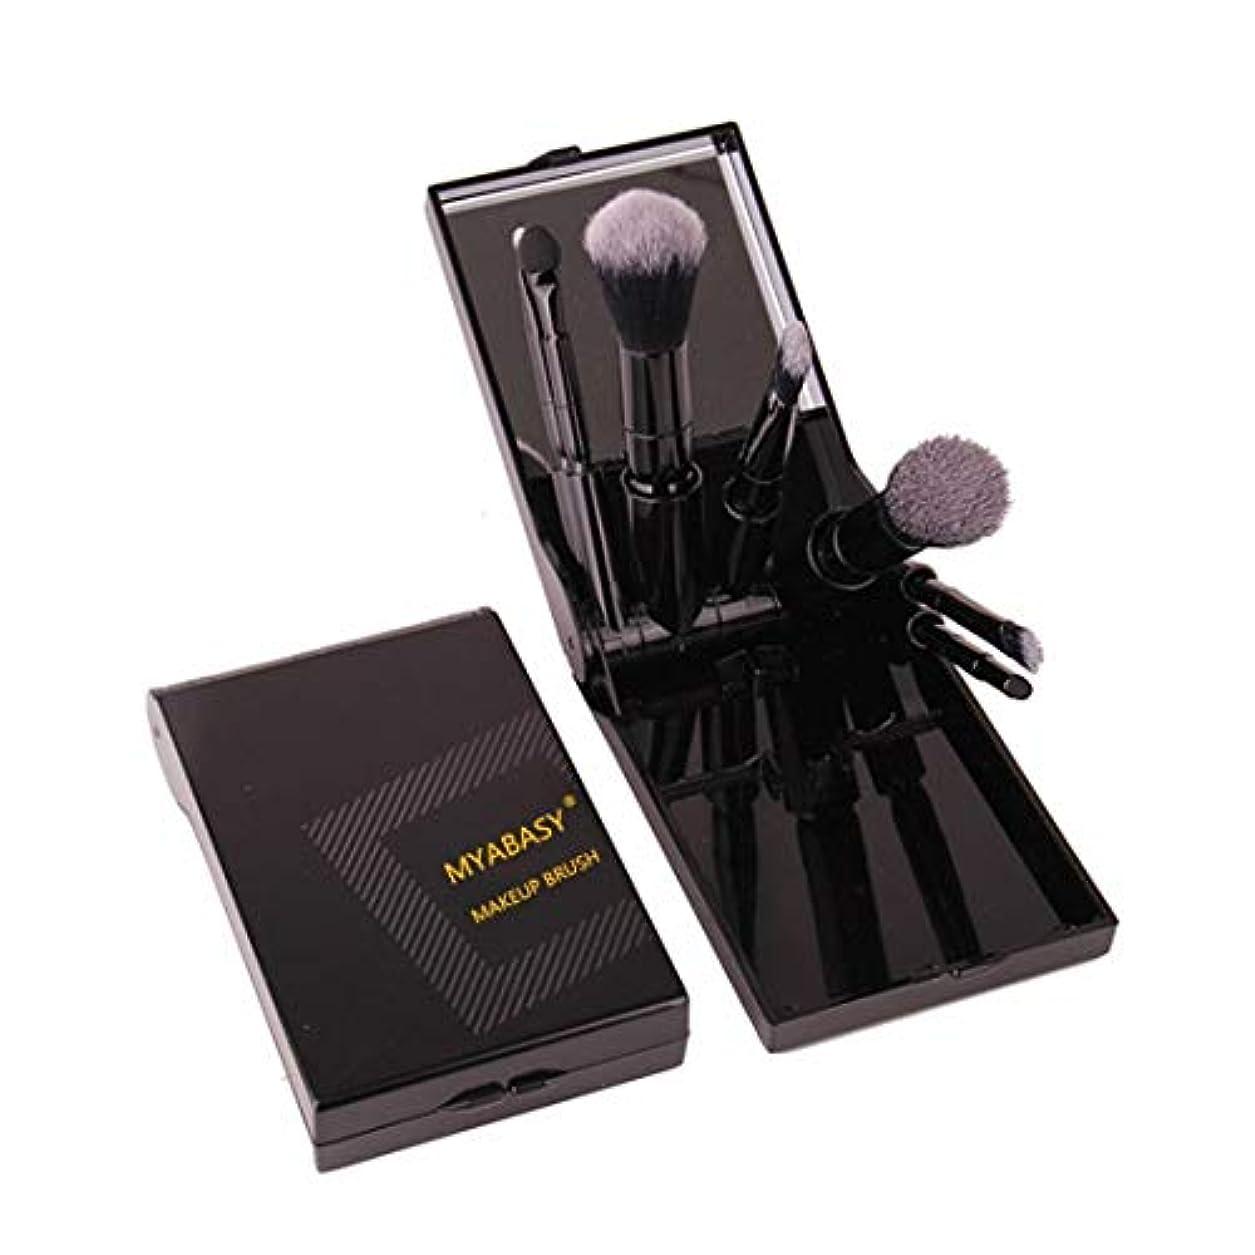 使用法上院注釈Makeup brushes アイシャドウとその他の観賞用、赤面、ファンデーションに適している、7メイクアップブラシ suits (Color : Black)